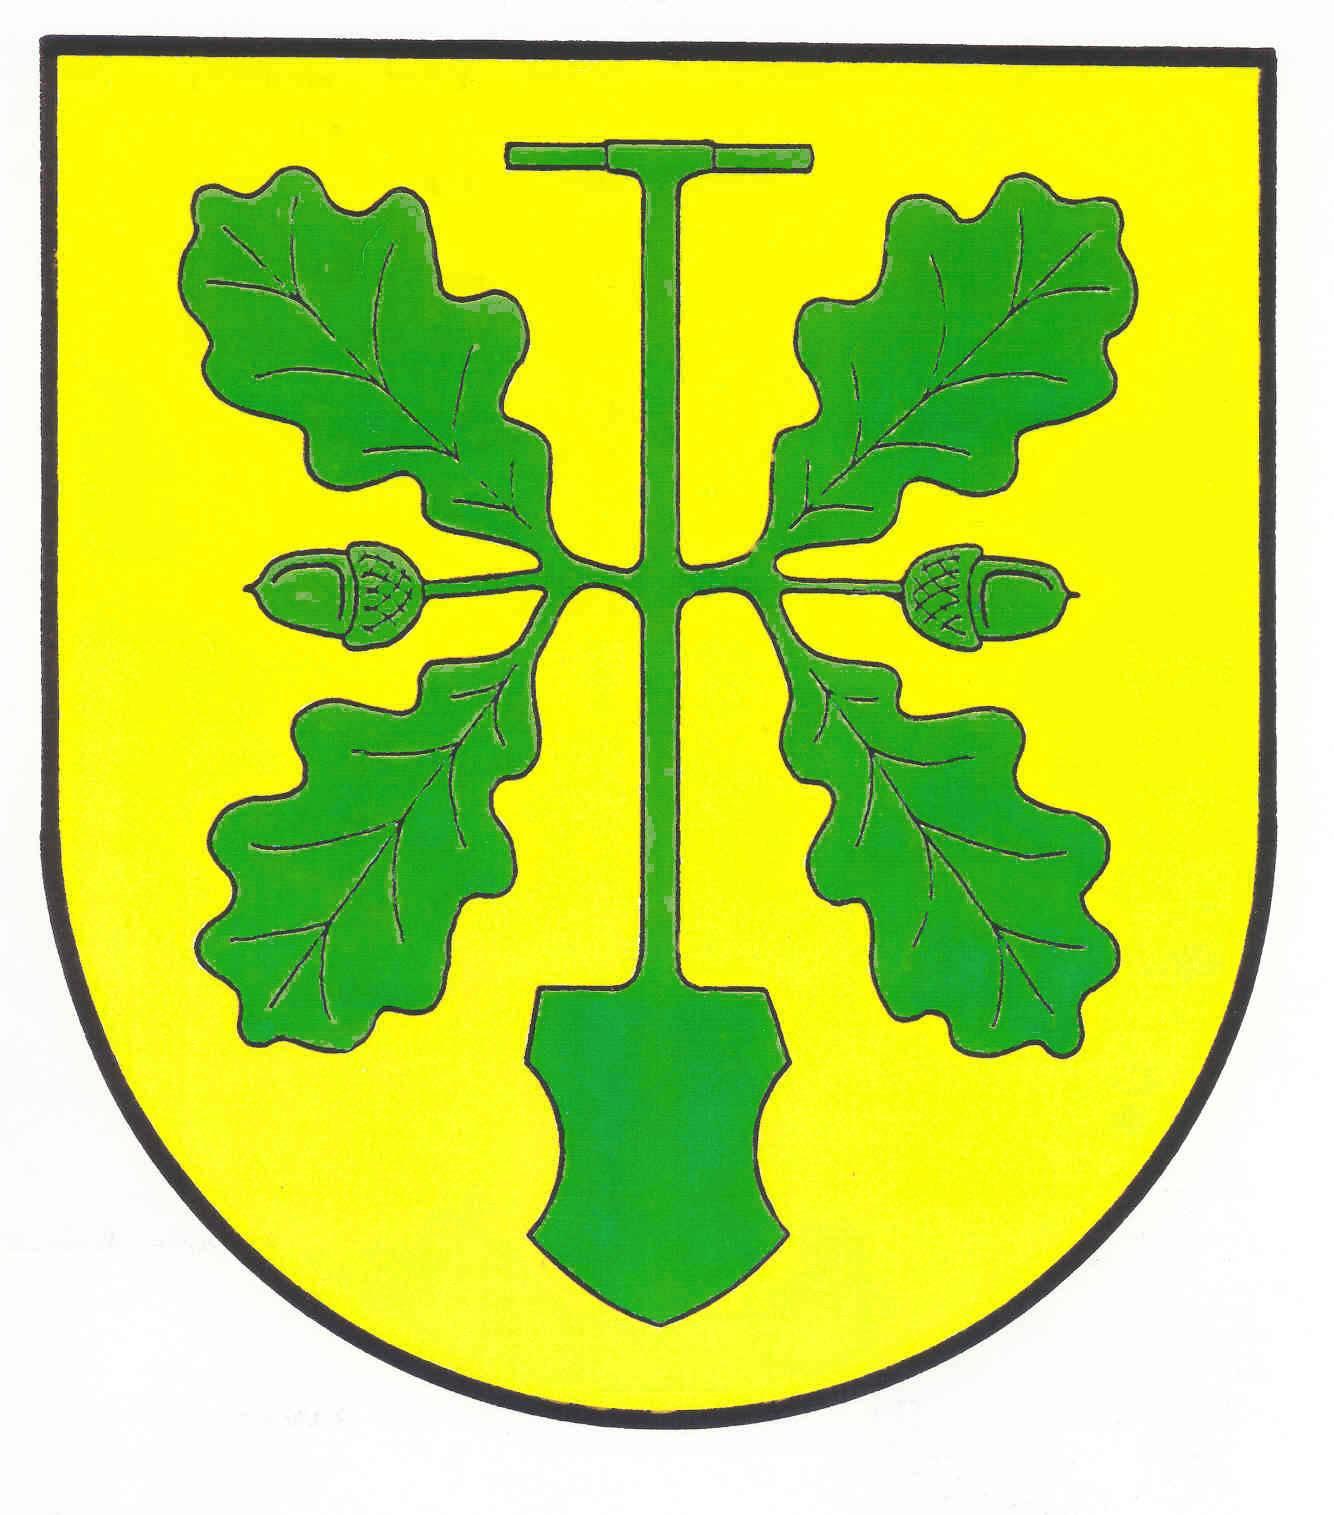 Wappen GemeindeJarplund-Weding, Kreis Schleswig-Flensburg